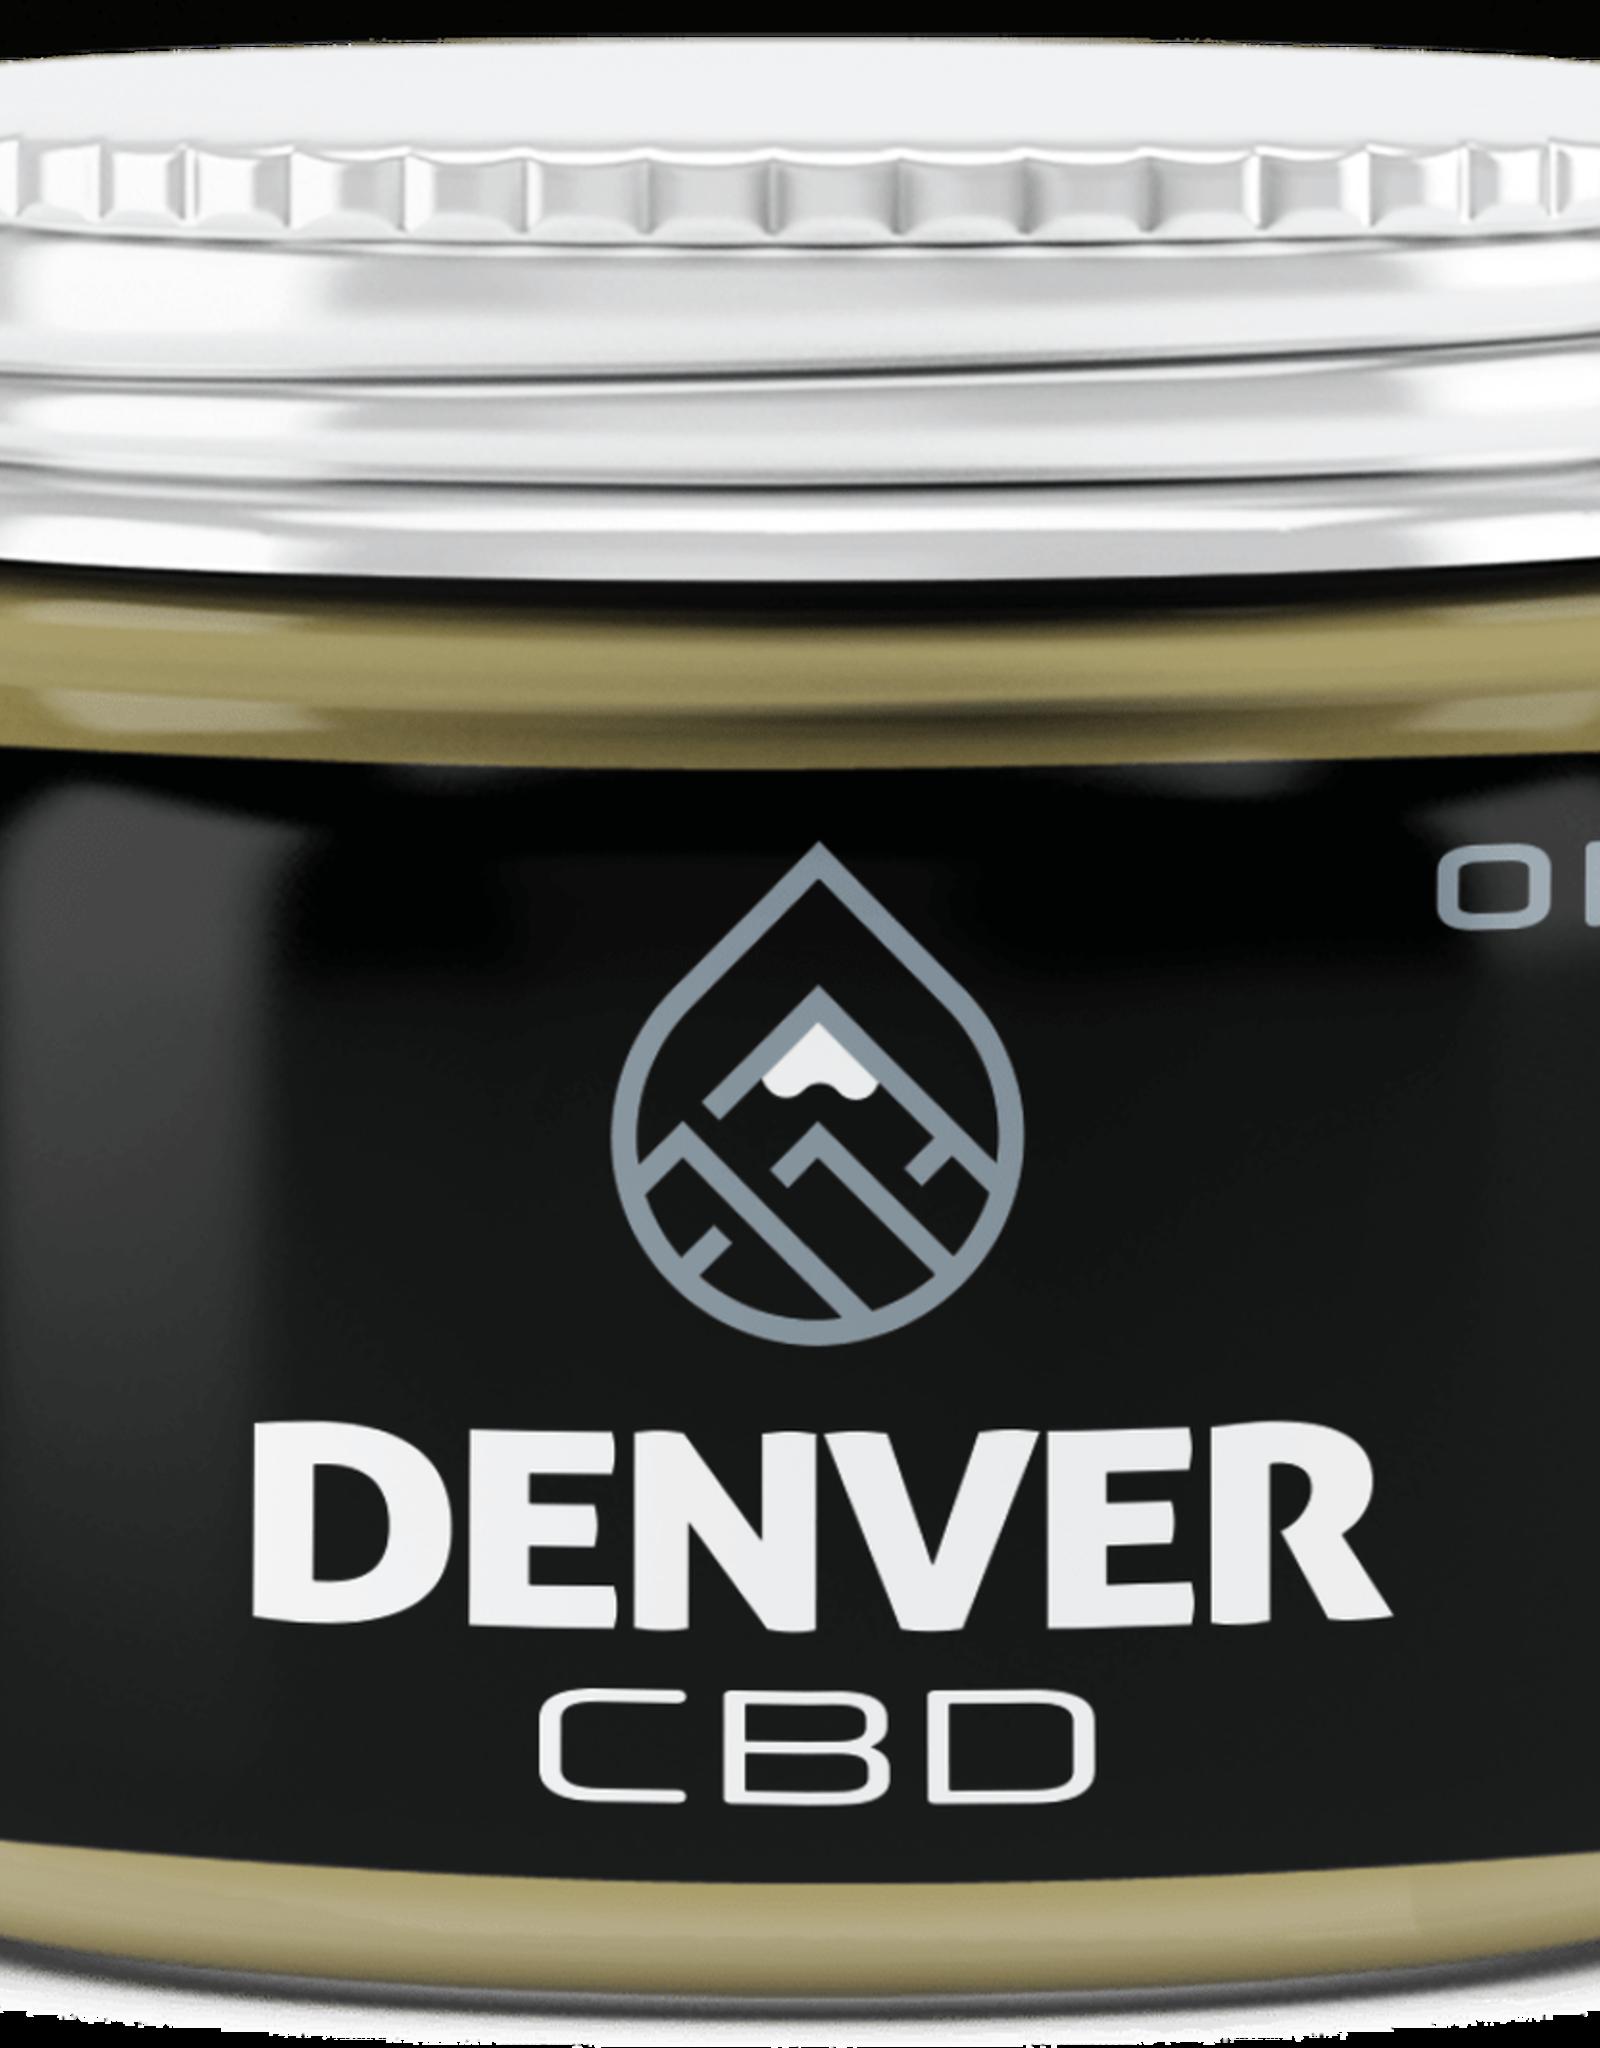 Denver CBD 300 mg Healing Salve